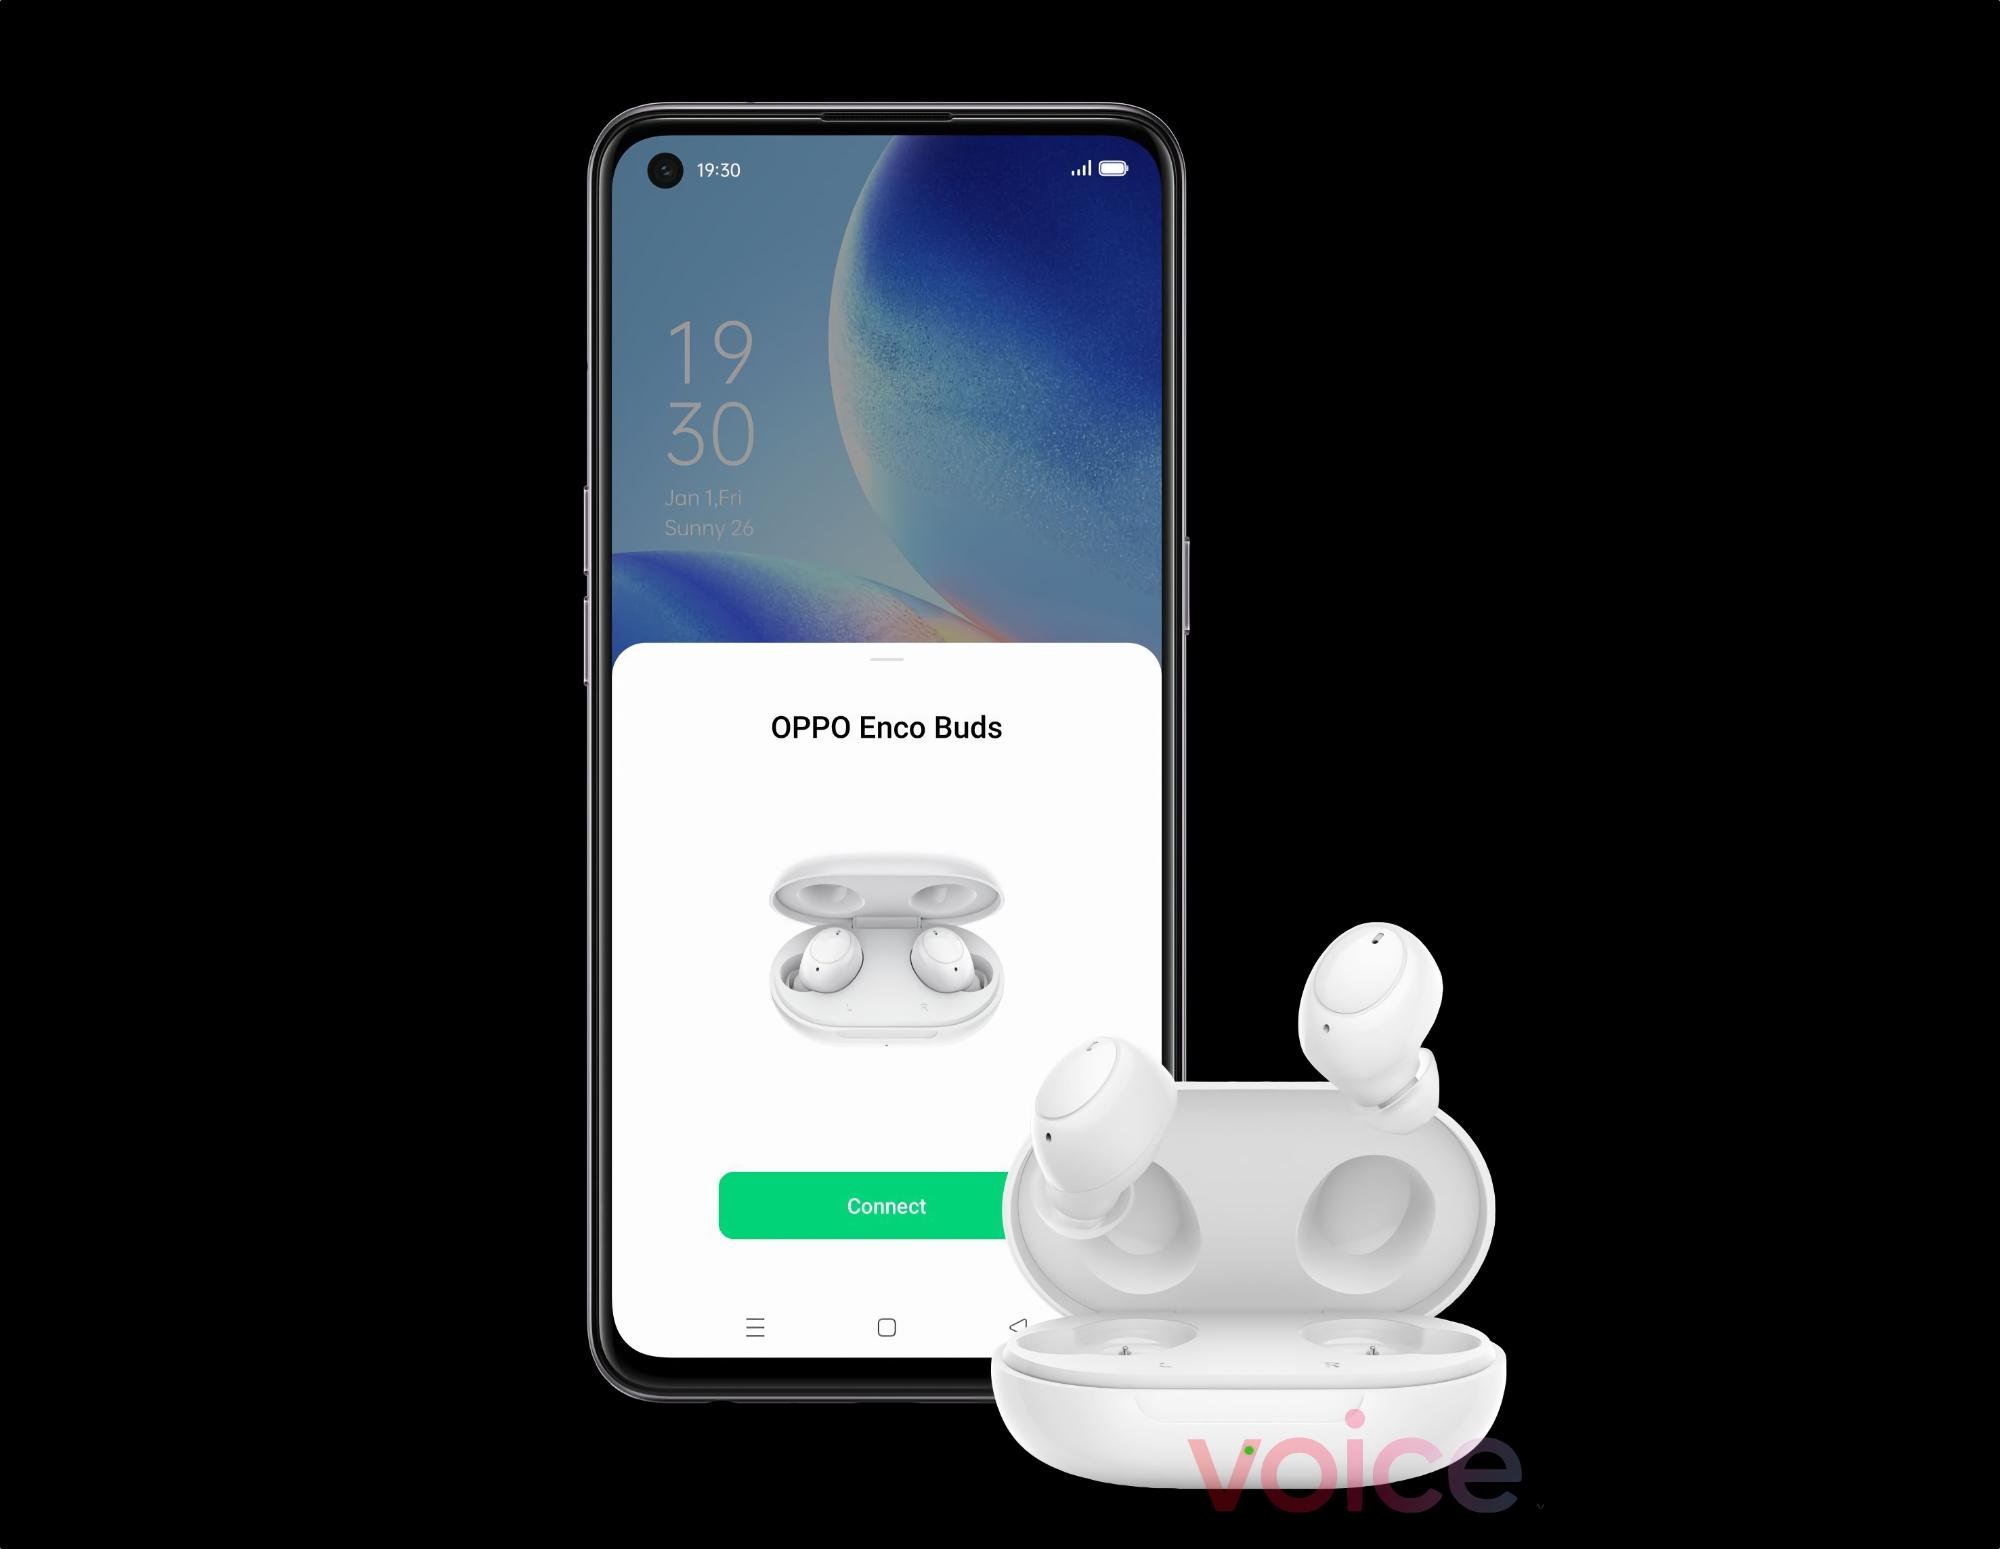 OPPO готовит к выходу Enco Buds: TWS-наушники с дизайном, как у Samsung Galaxy Buds